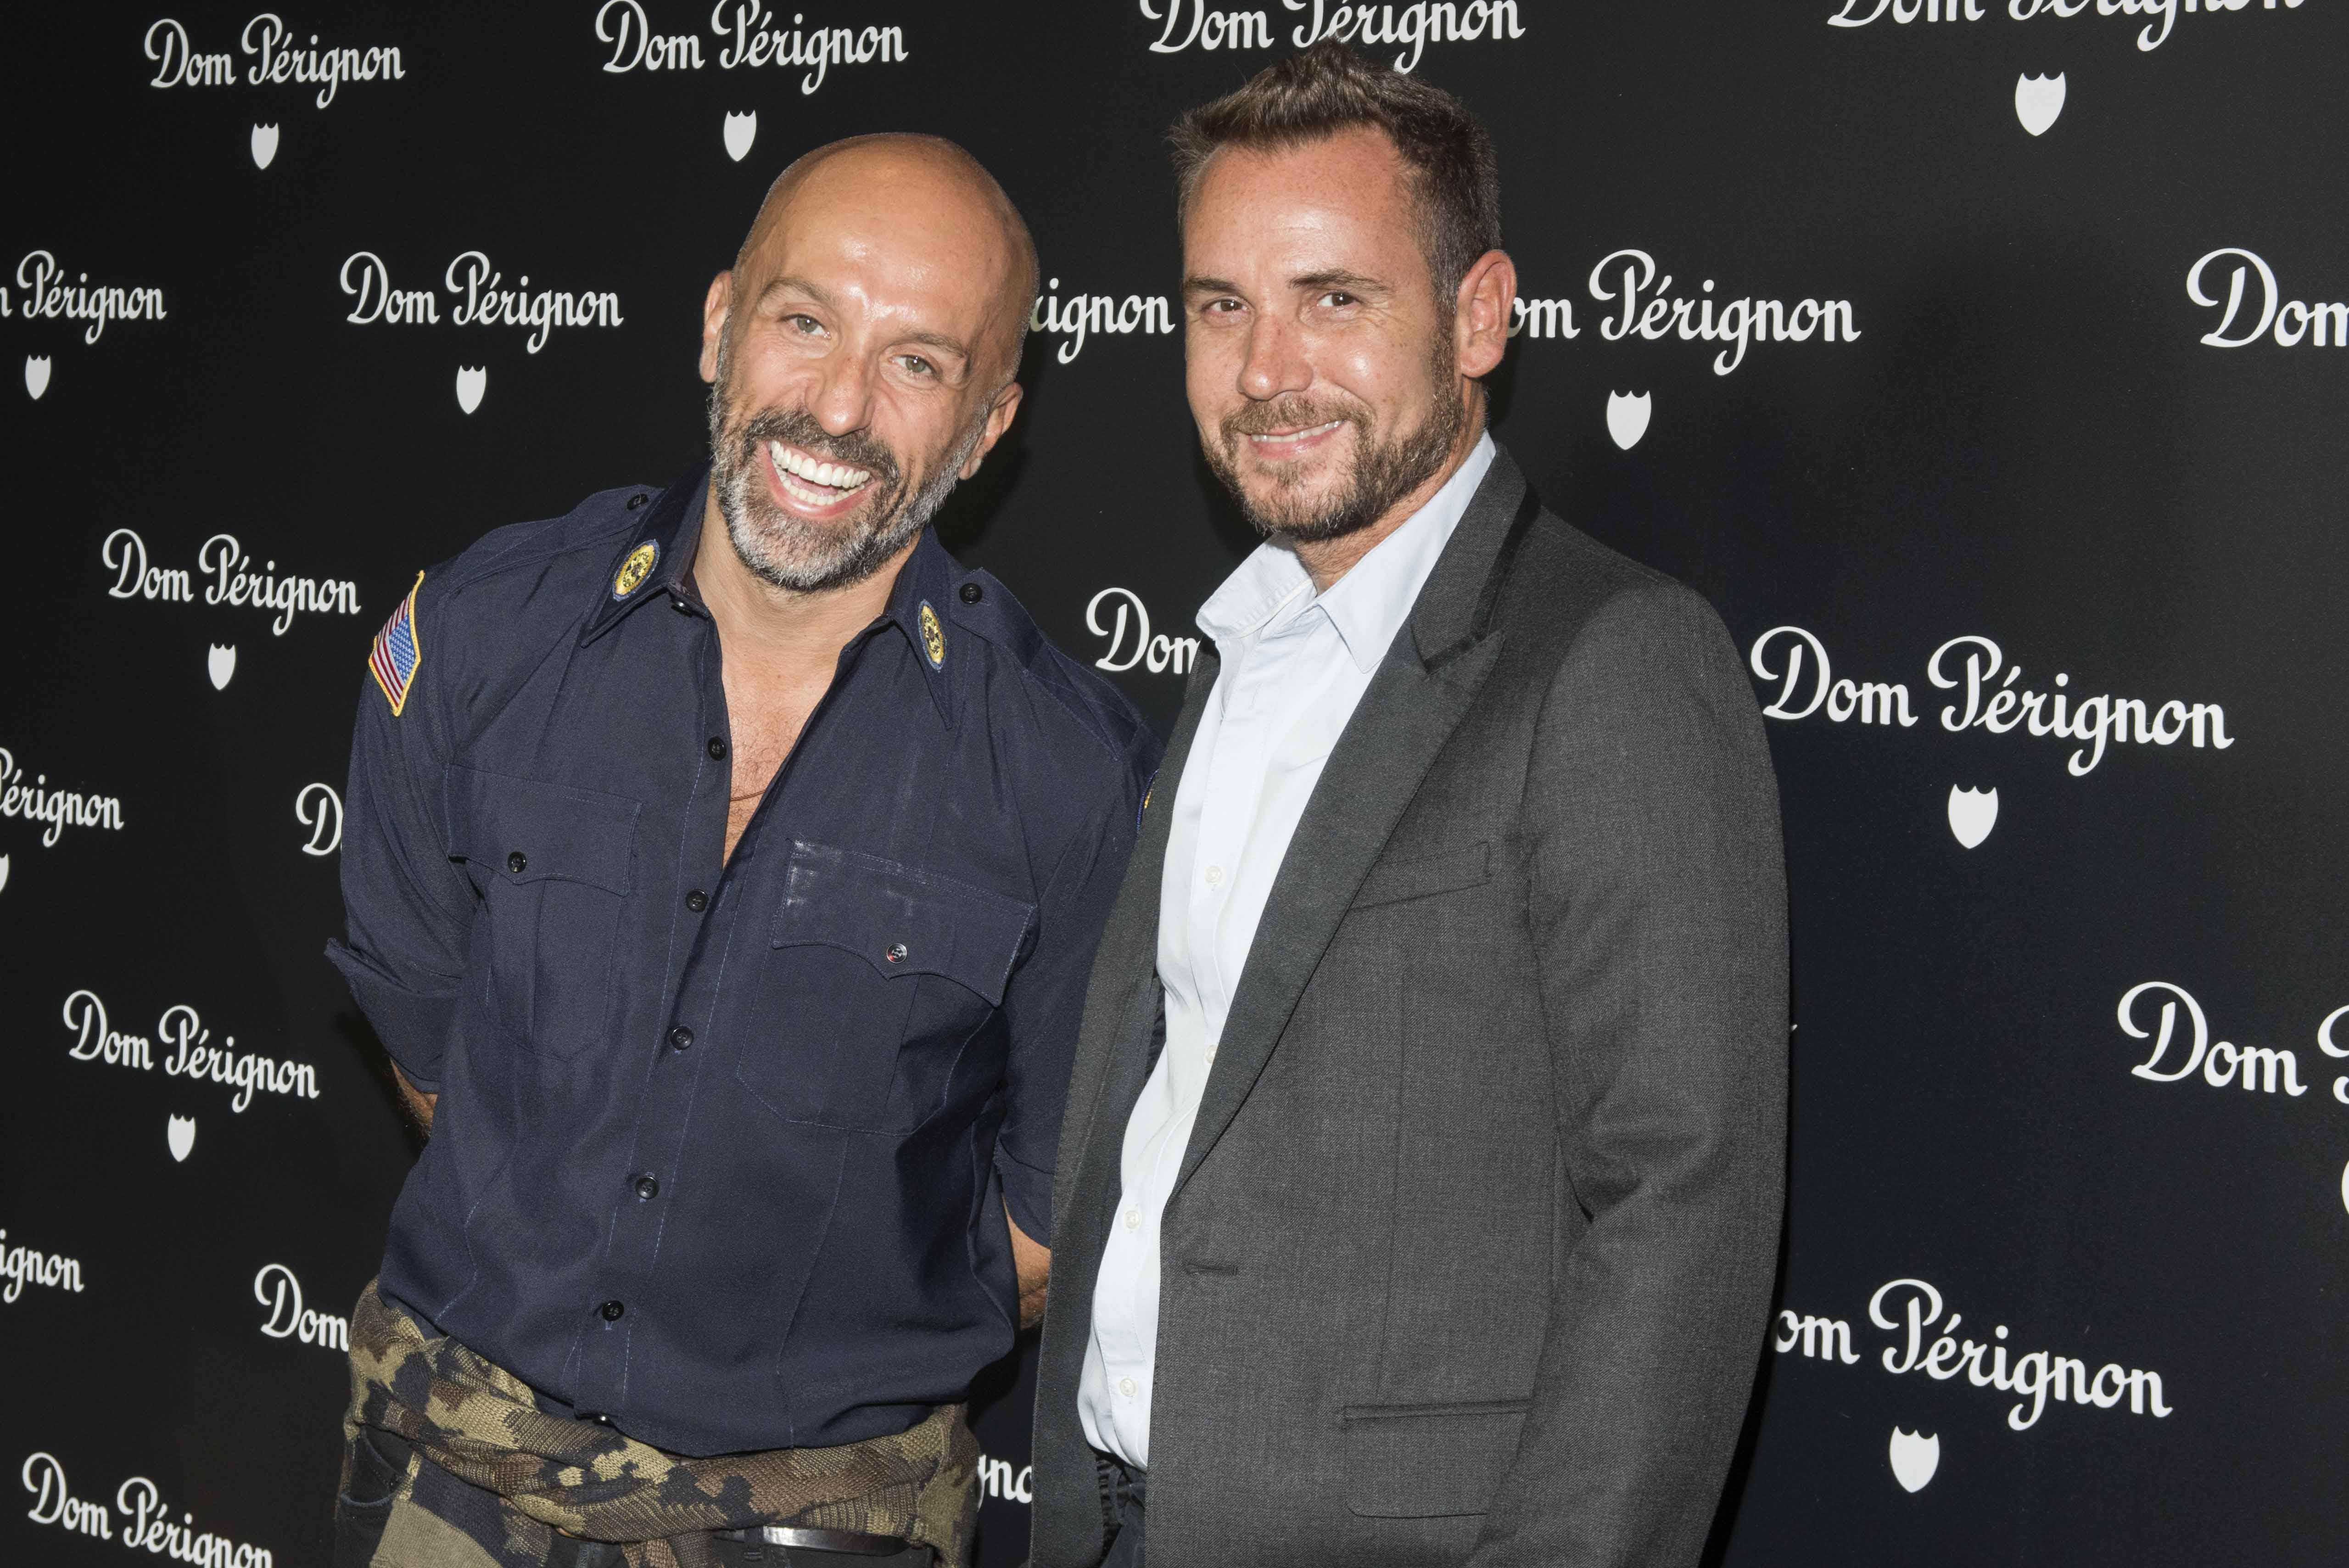 Álvaro Castejón y Arnaud Maillard de Alvarno